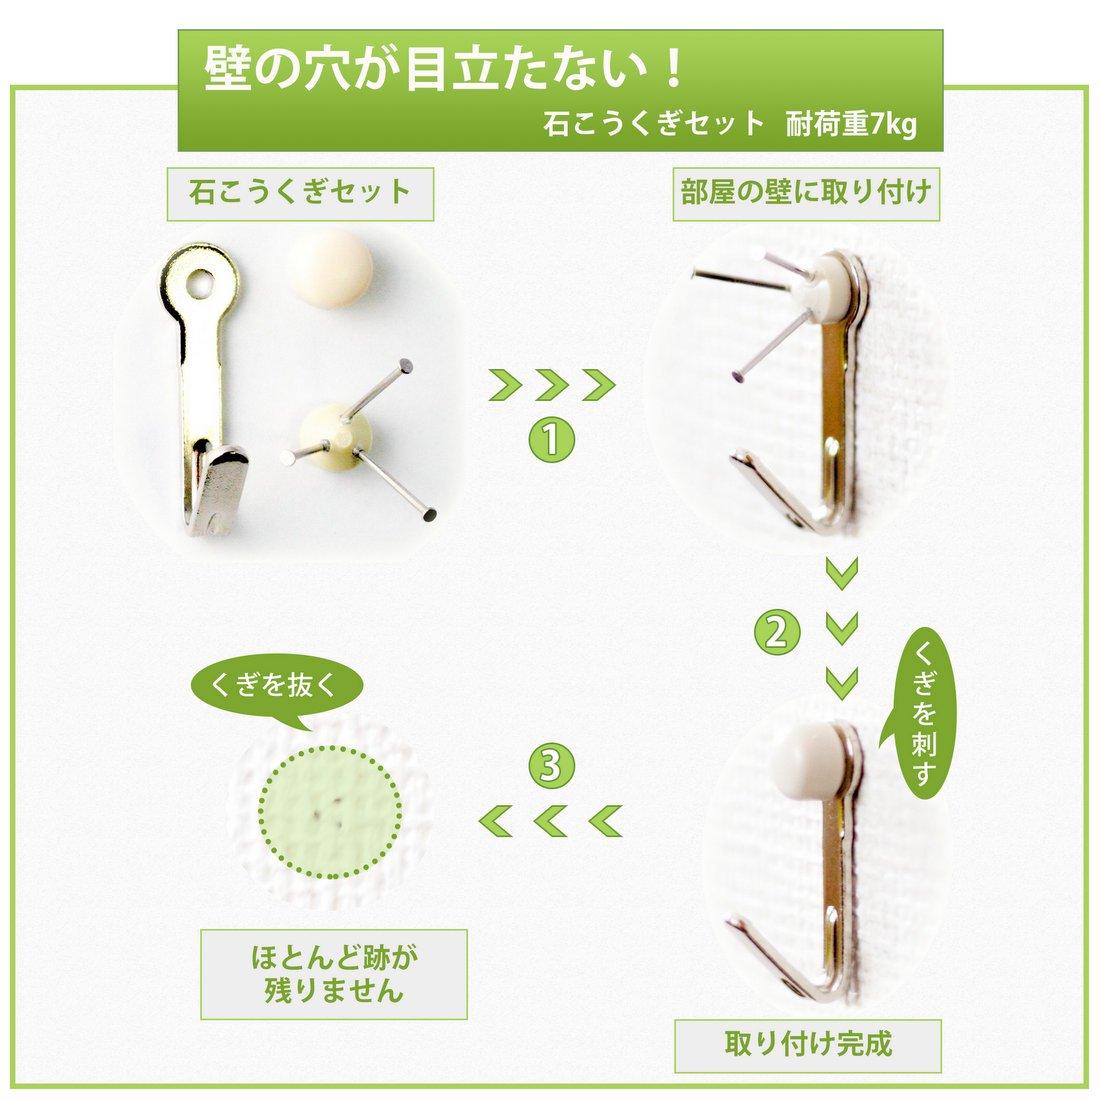 《アートフォト》北海道 富良野 美瑛 麦畑にポプラ(レンタル対象)